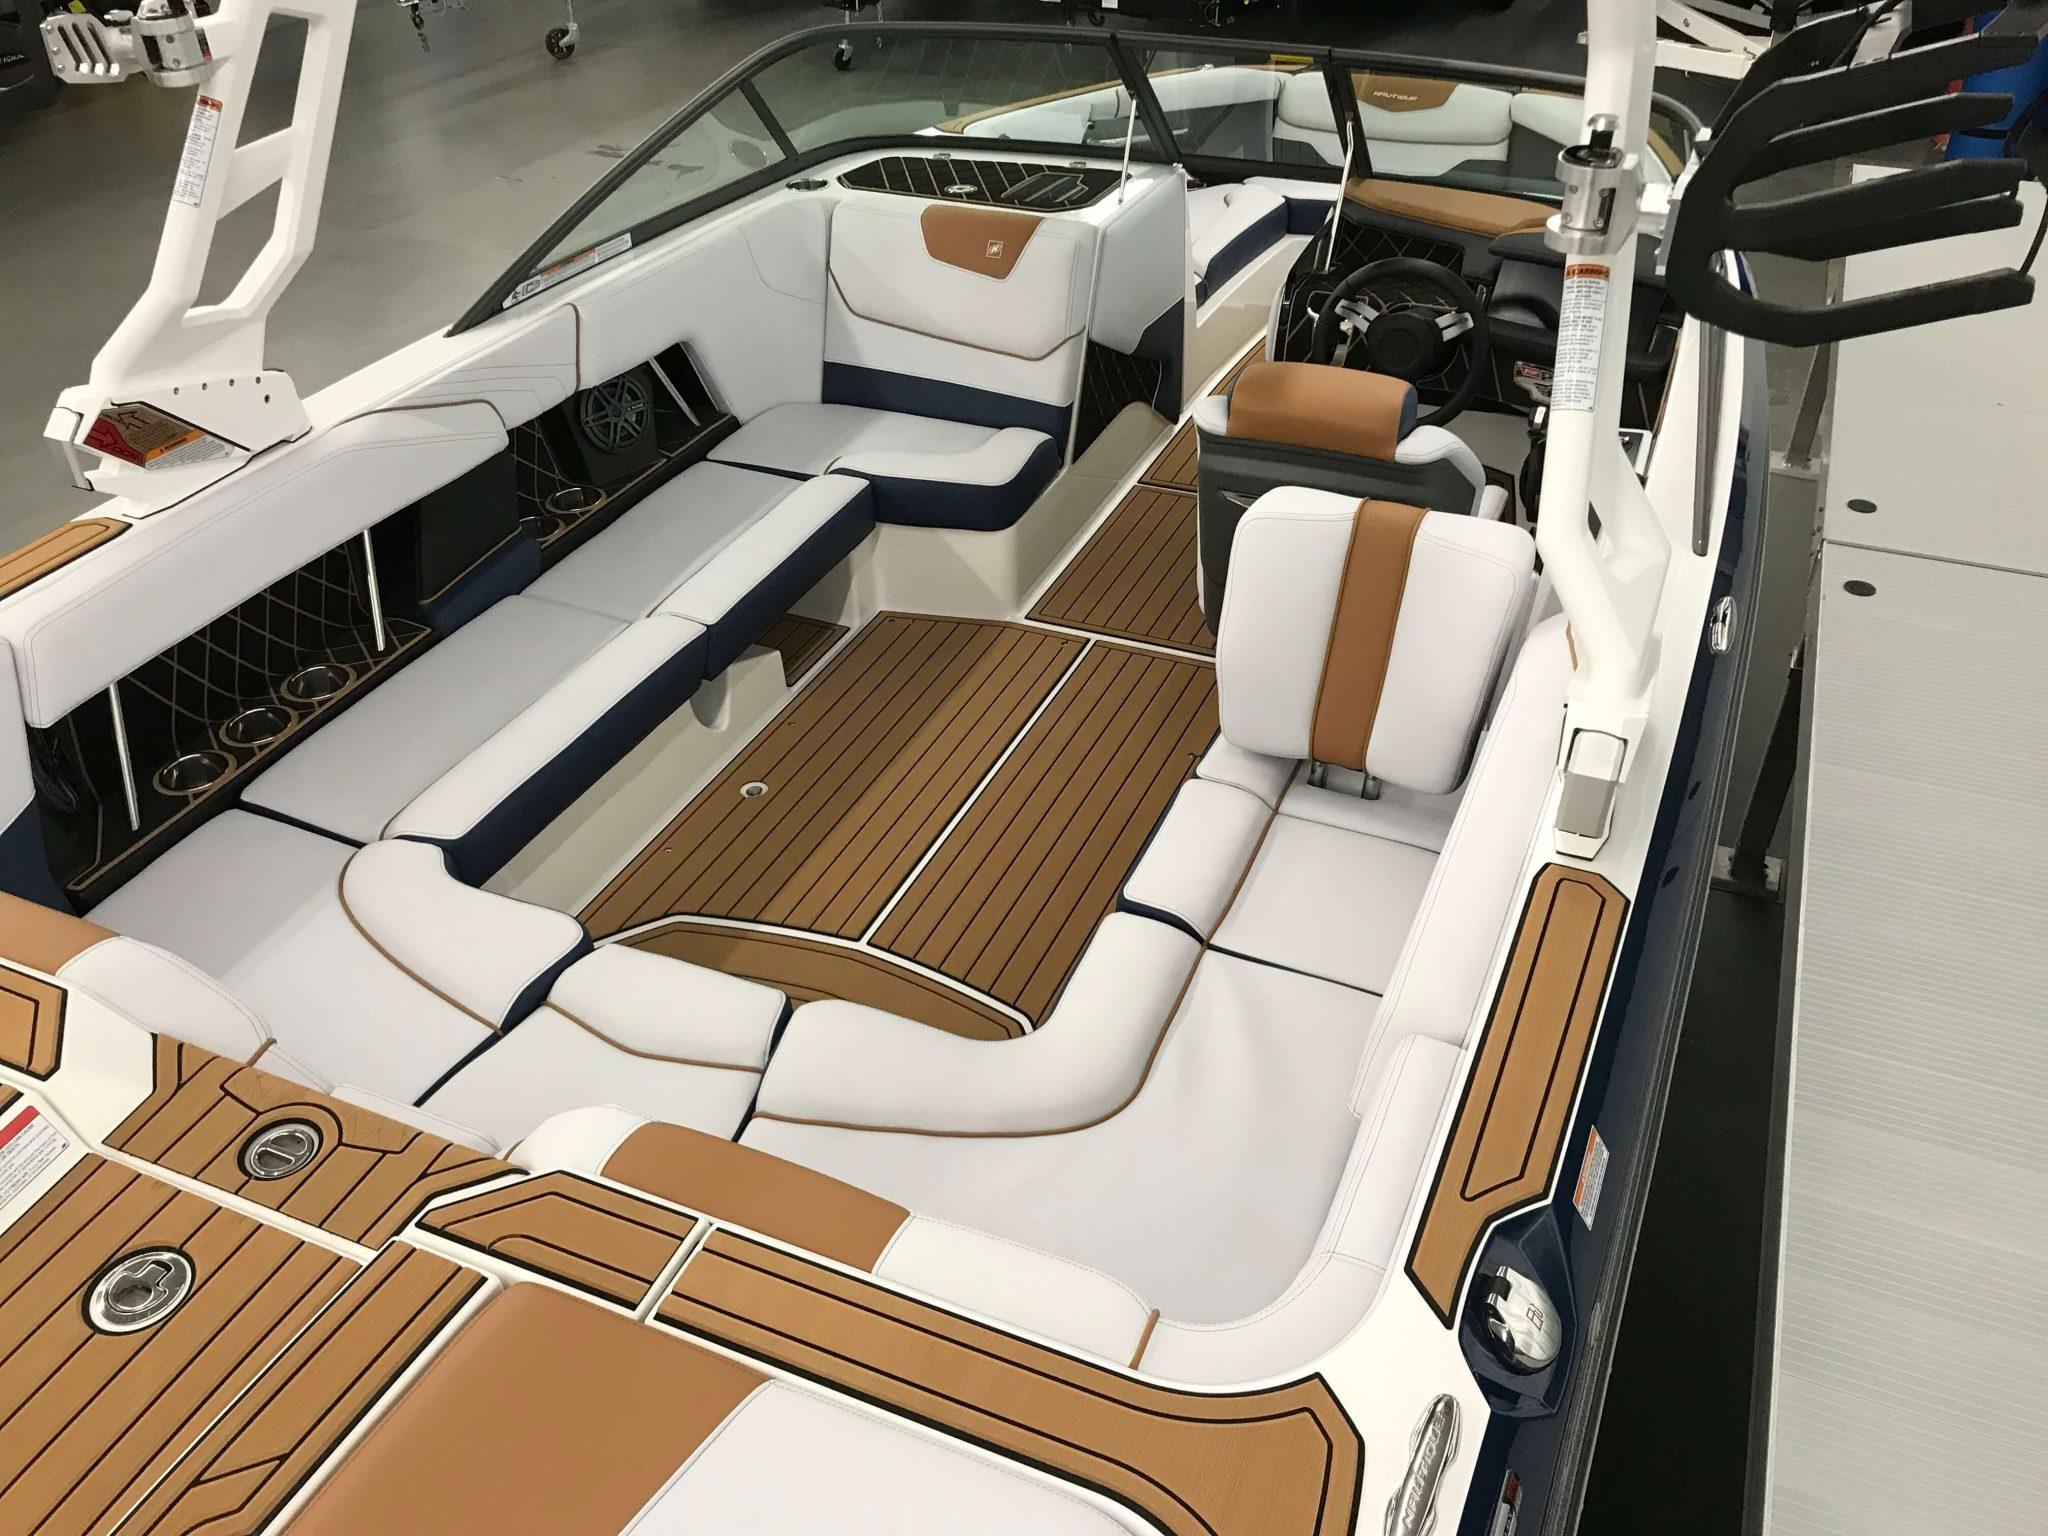 2019 Nautique GS22 Cockpit Seating 1